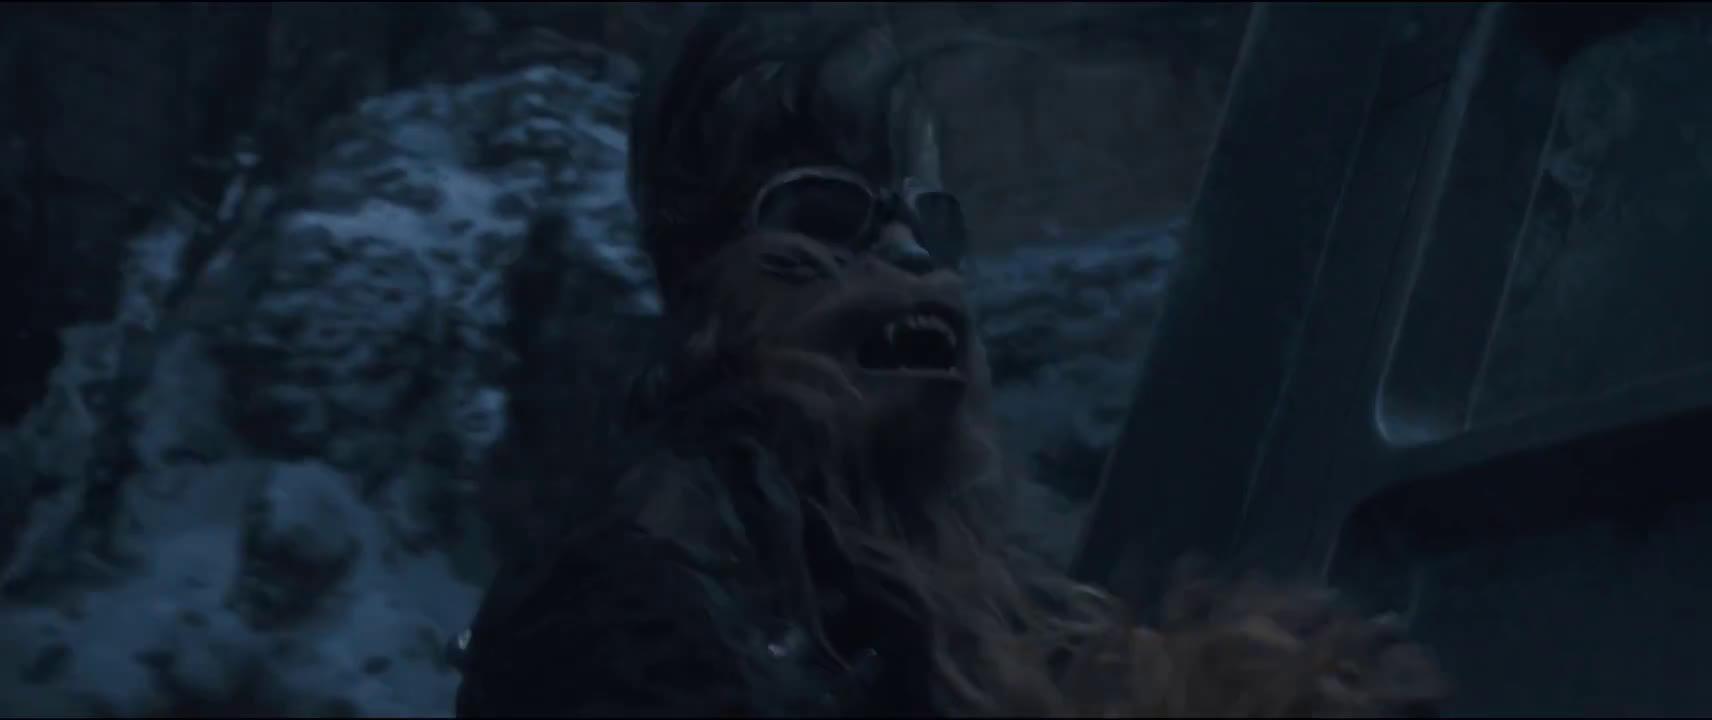 《游侠索罗:星球大战外传》这是整部电影最好看的片段